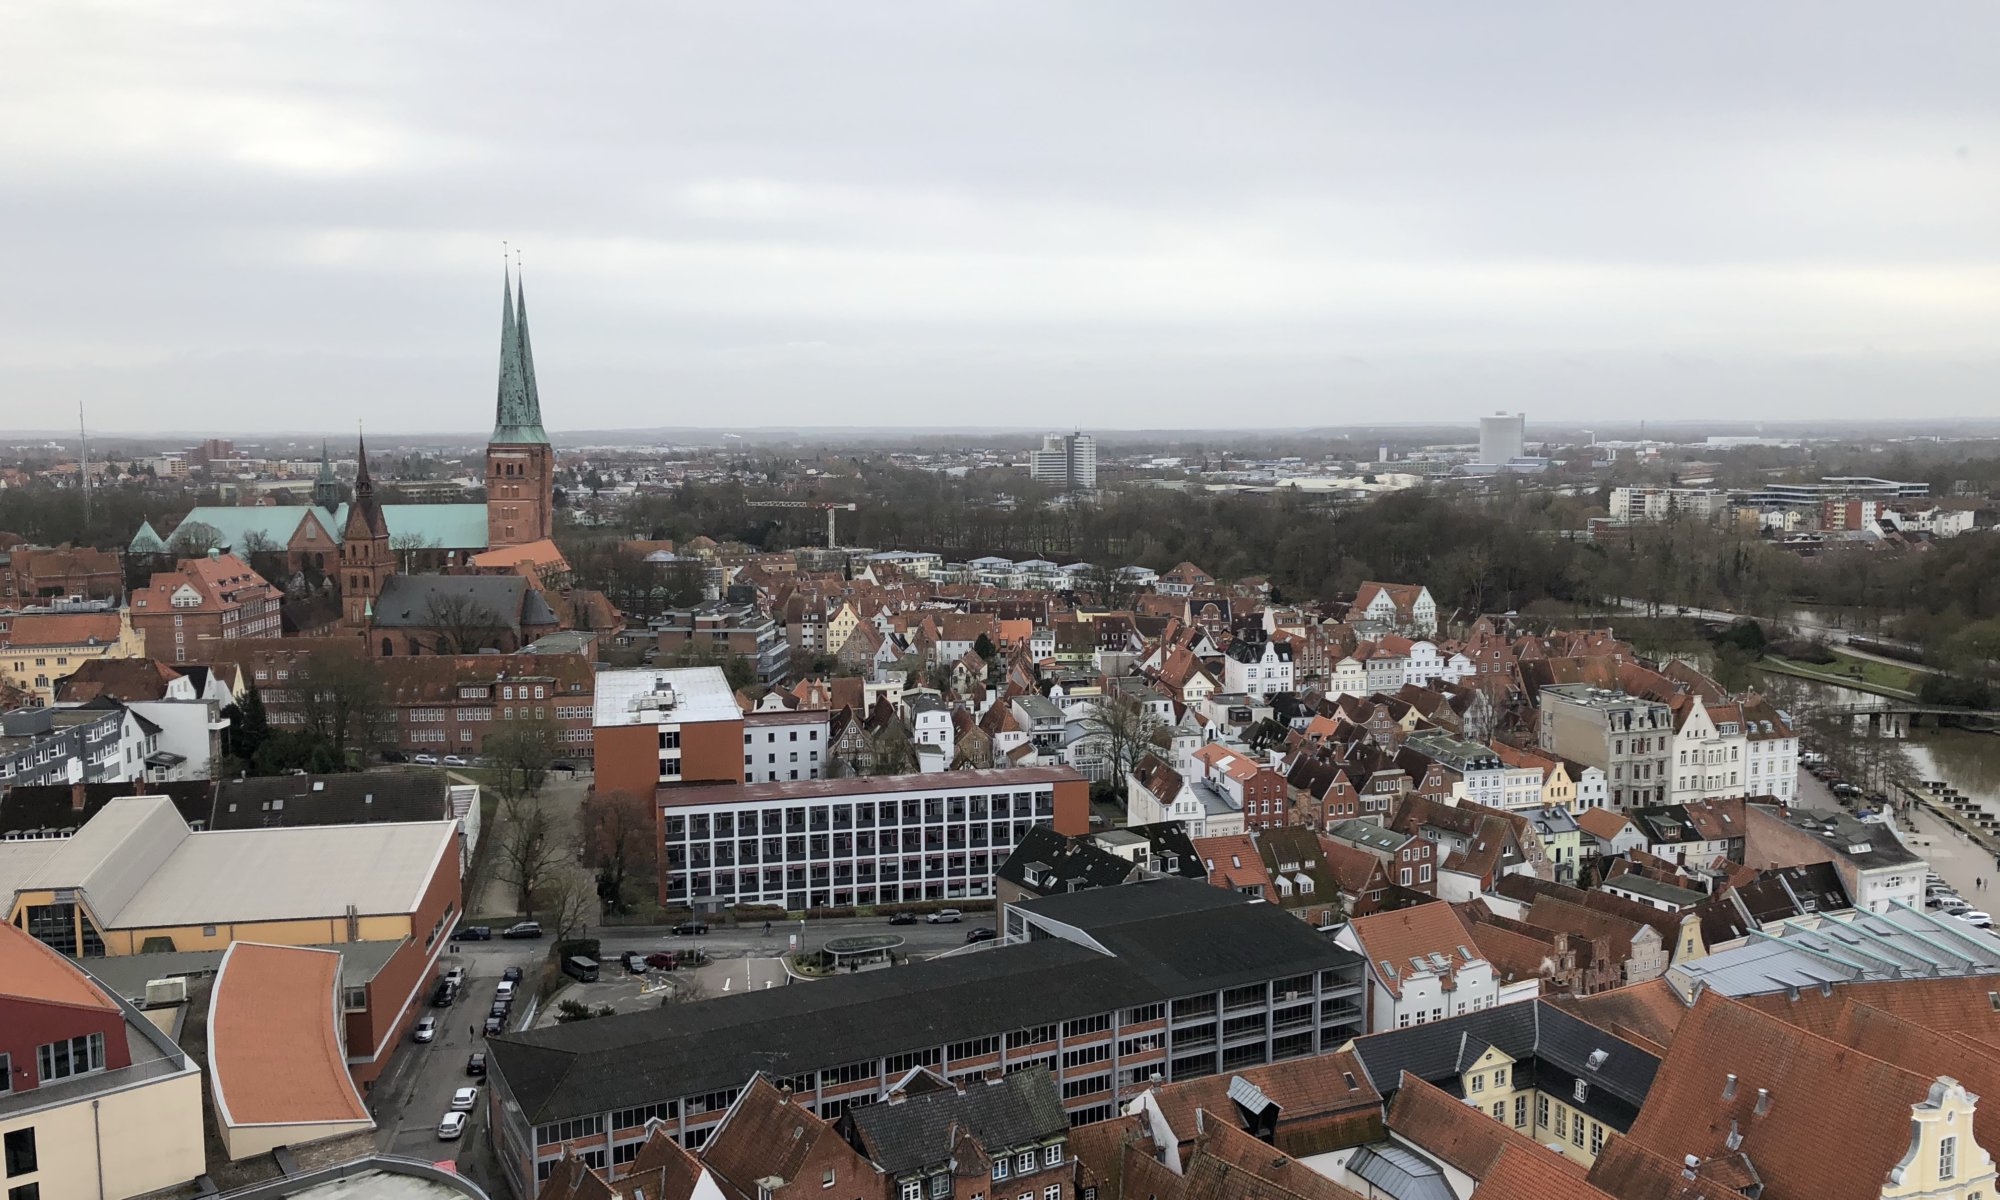 On top of St. Petri, Lübeck